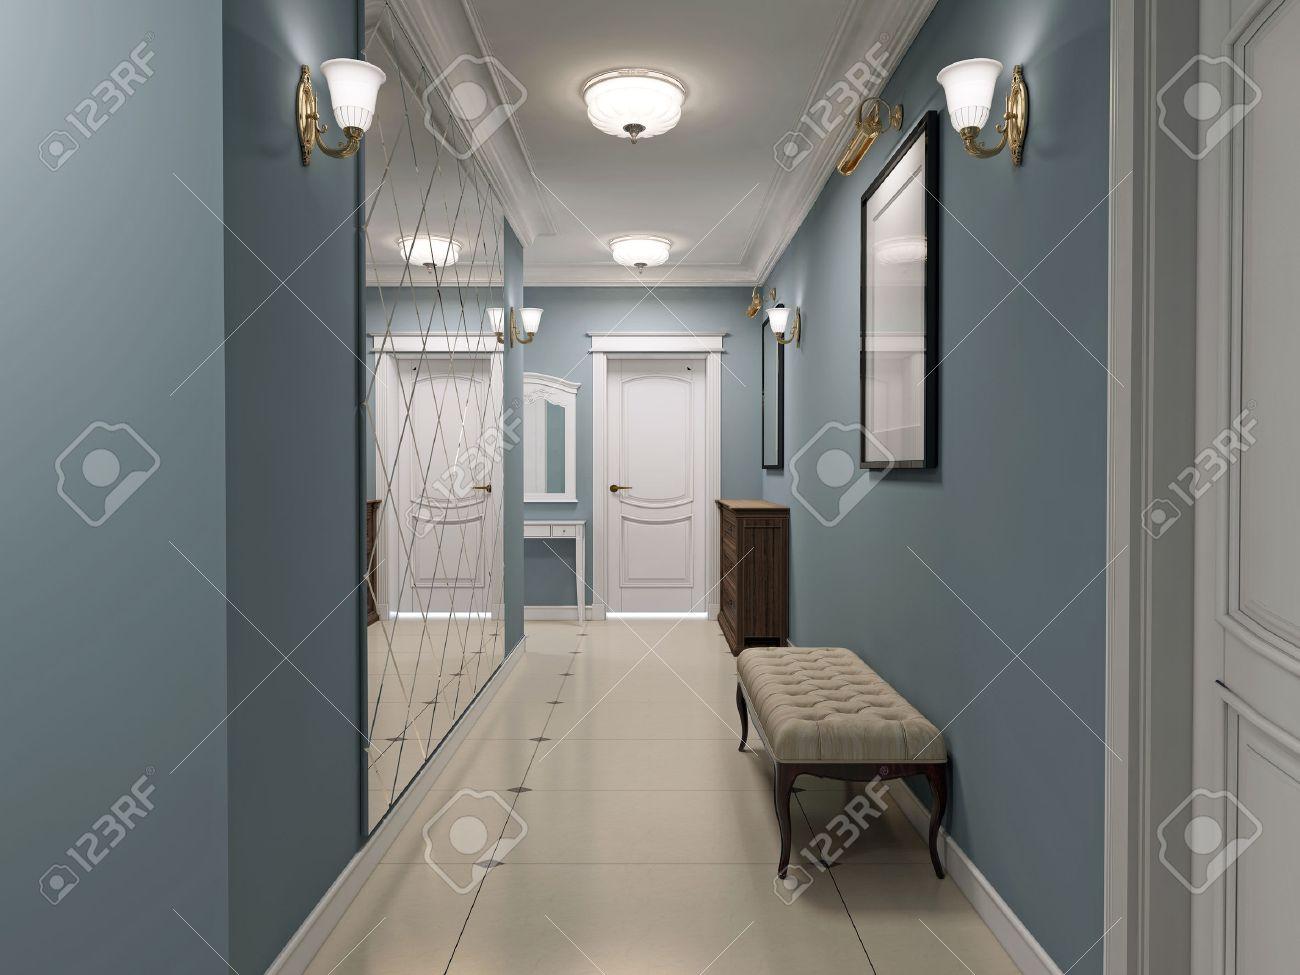 hall d entree de luxe art deco couloir avec des murs en bleu mat et un sol en marbre blanc plafond et portes blanc miroir mural decore 3d render